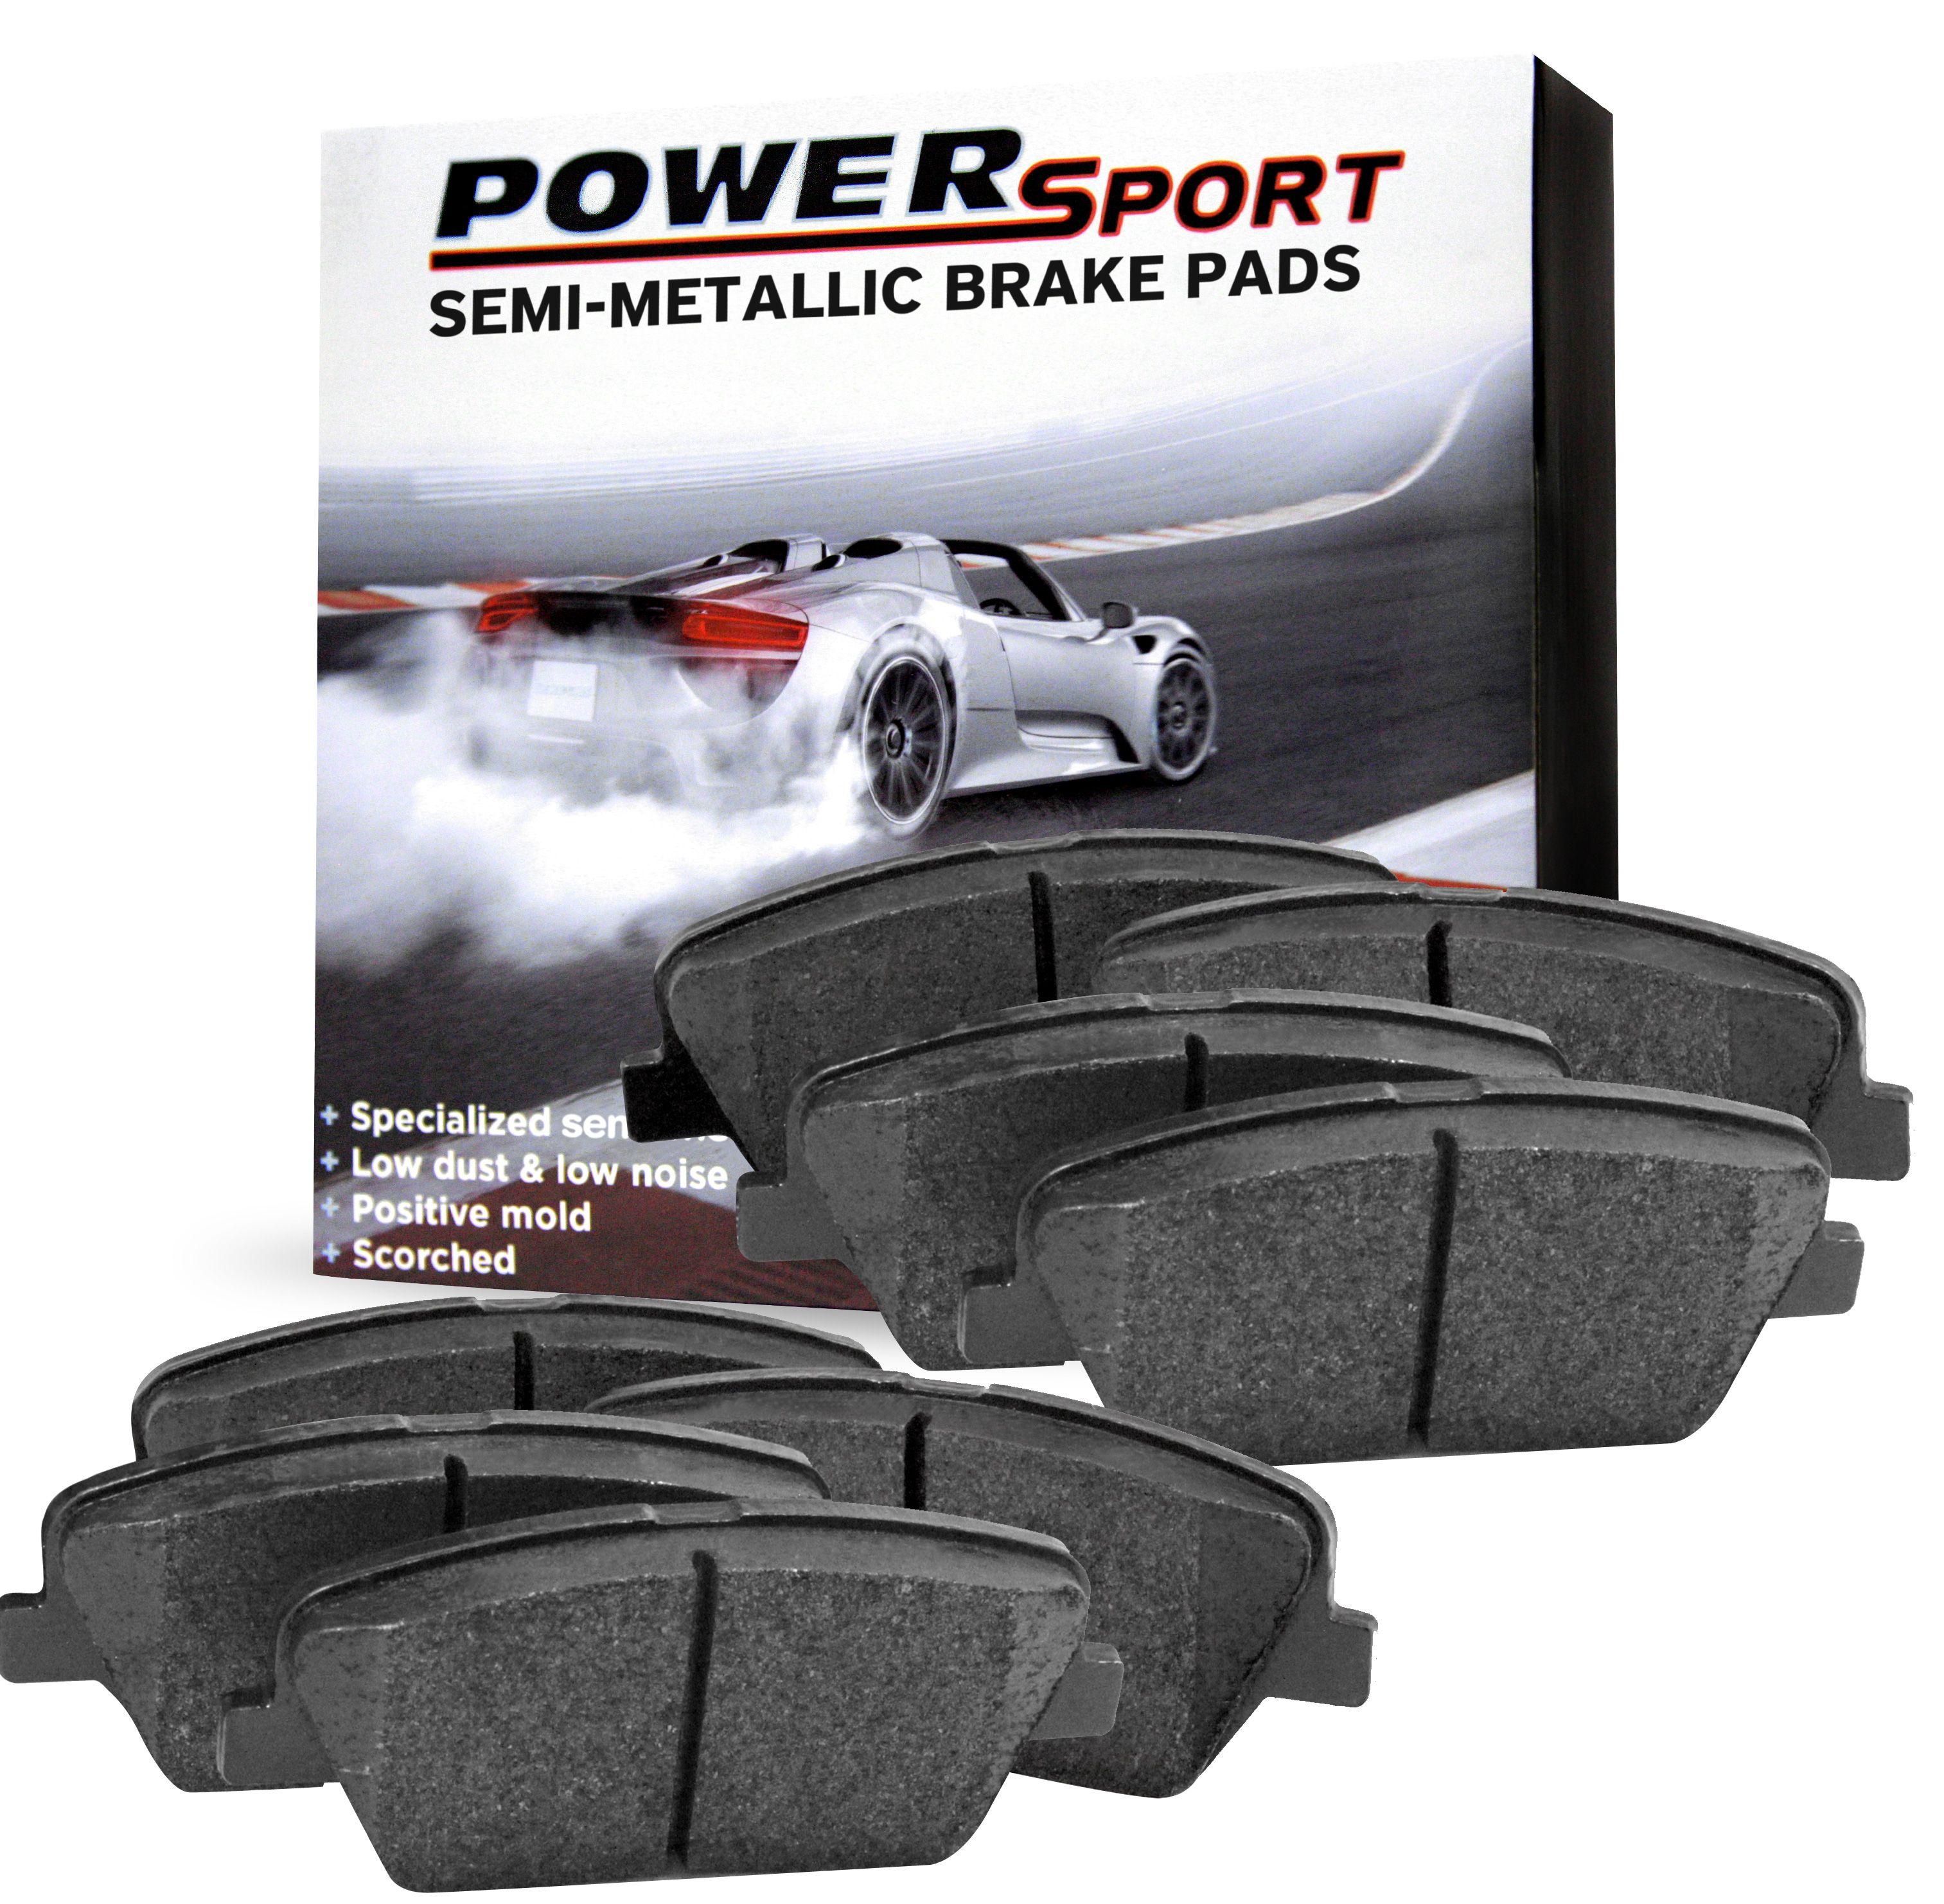 For 2005-2008 Jaguar X-Type PowerSport Front Rear Semi-Metallic Brake Pads